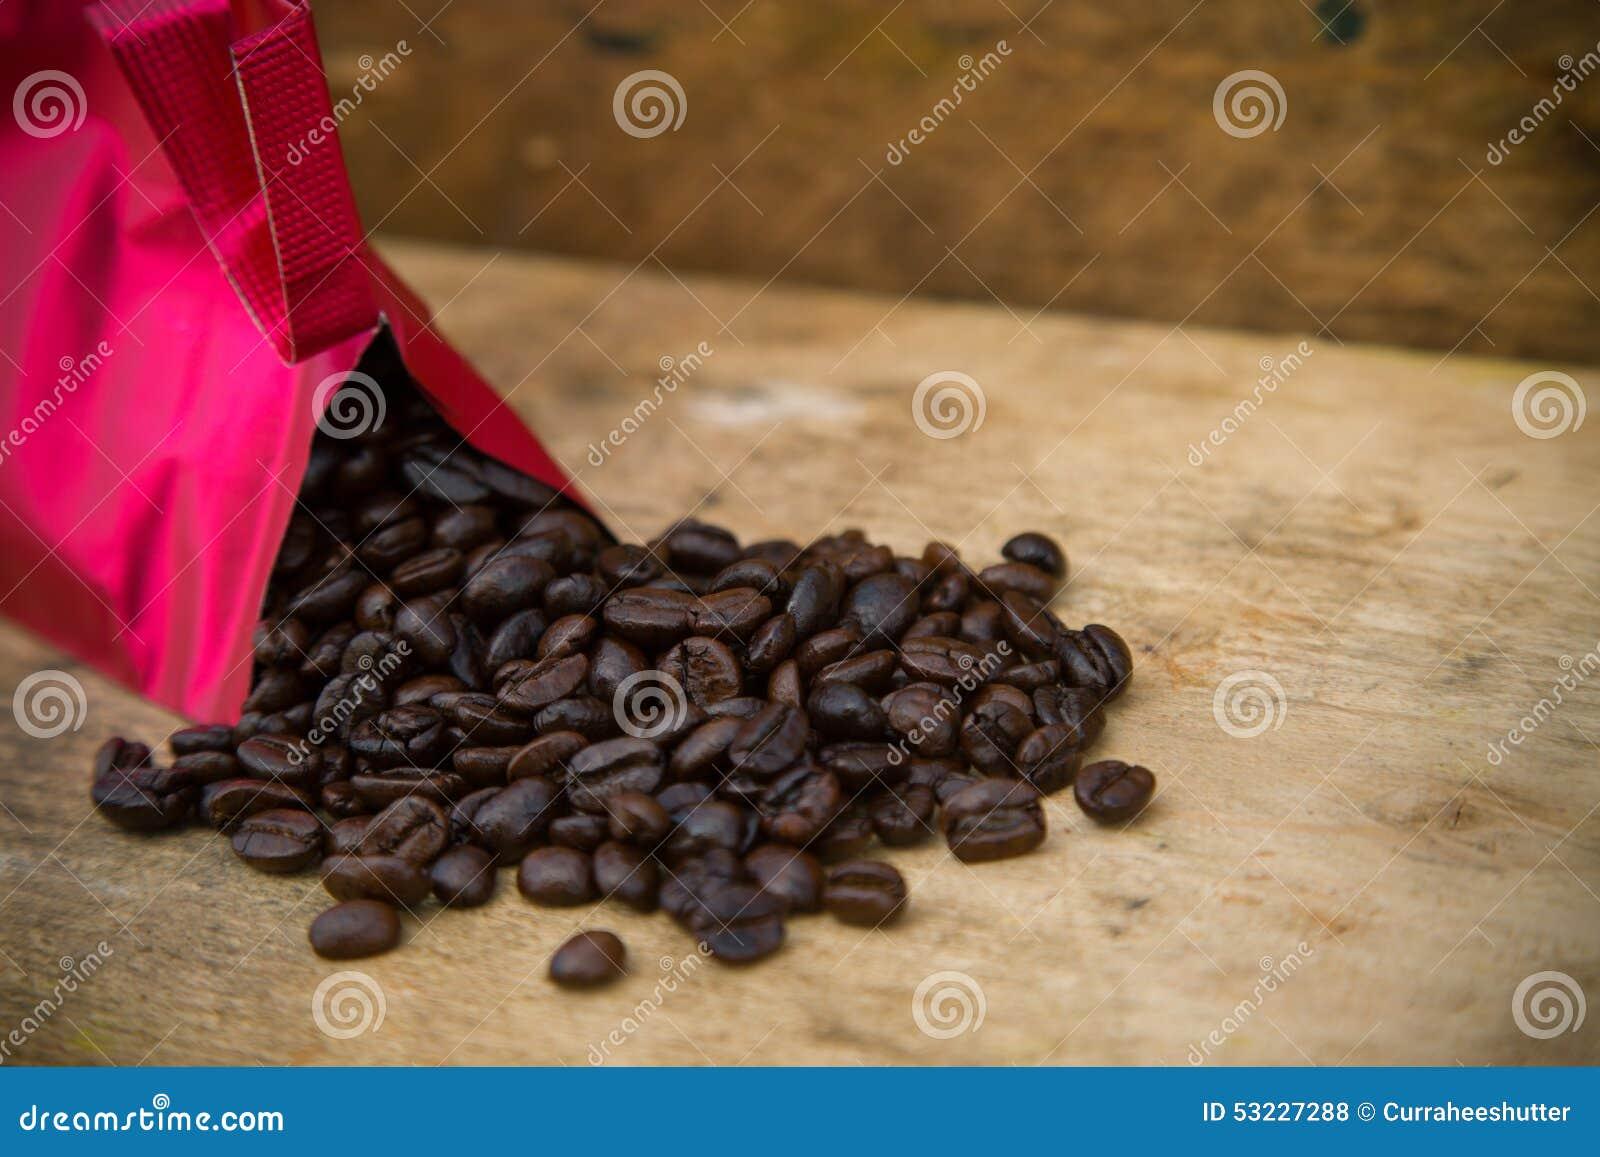 Fondo de los granos de café en los granos de café de madera, frescos con la taza de café en el fondo de madera, fondo determinado